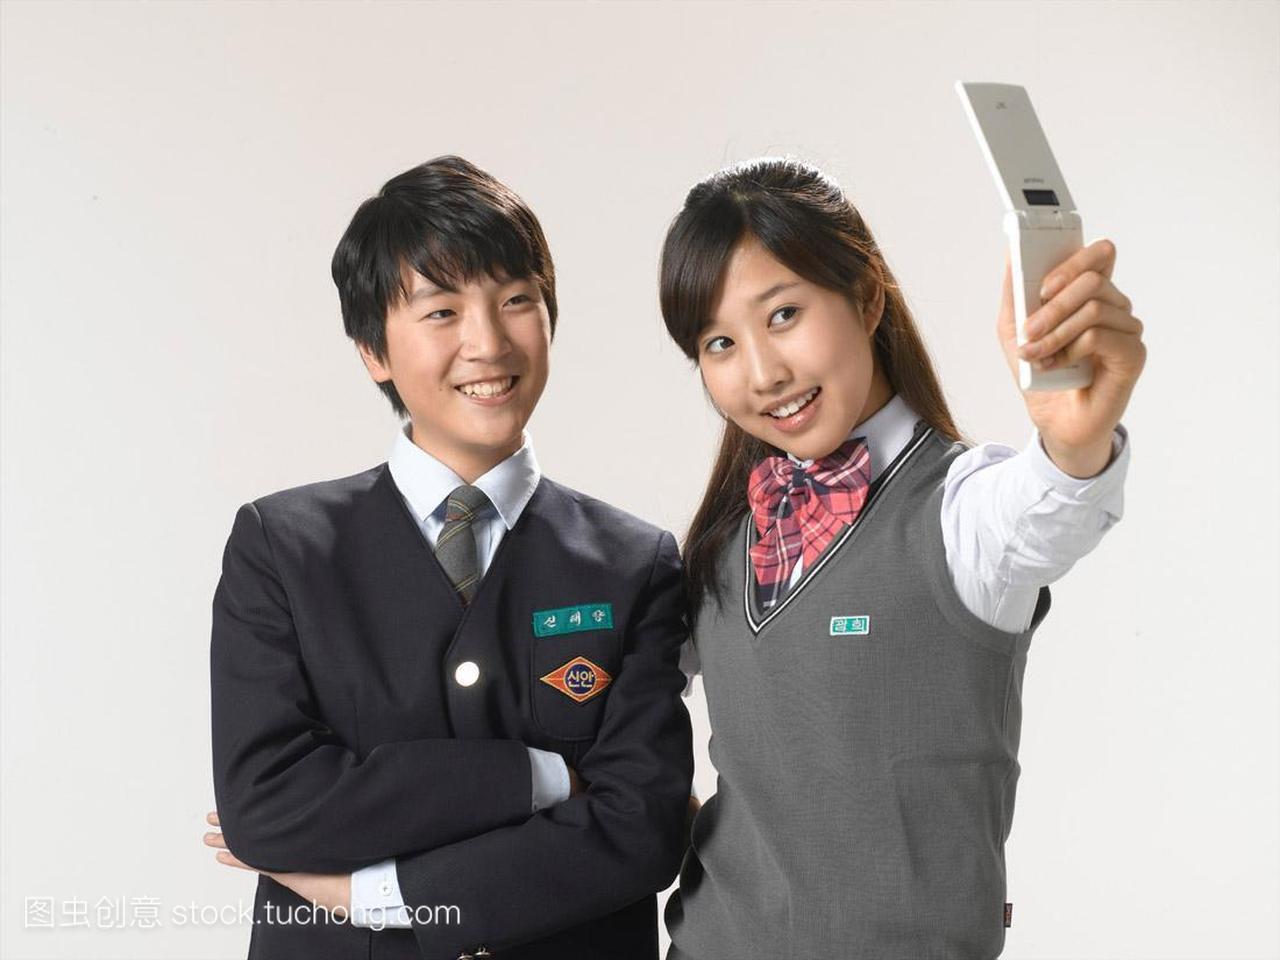 高中生使用手机高中会考没有合格证图片